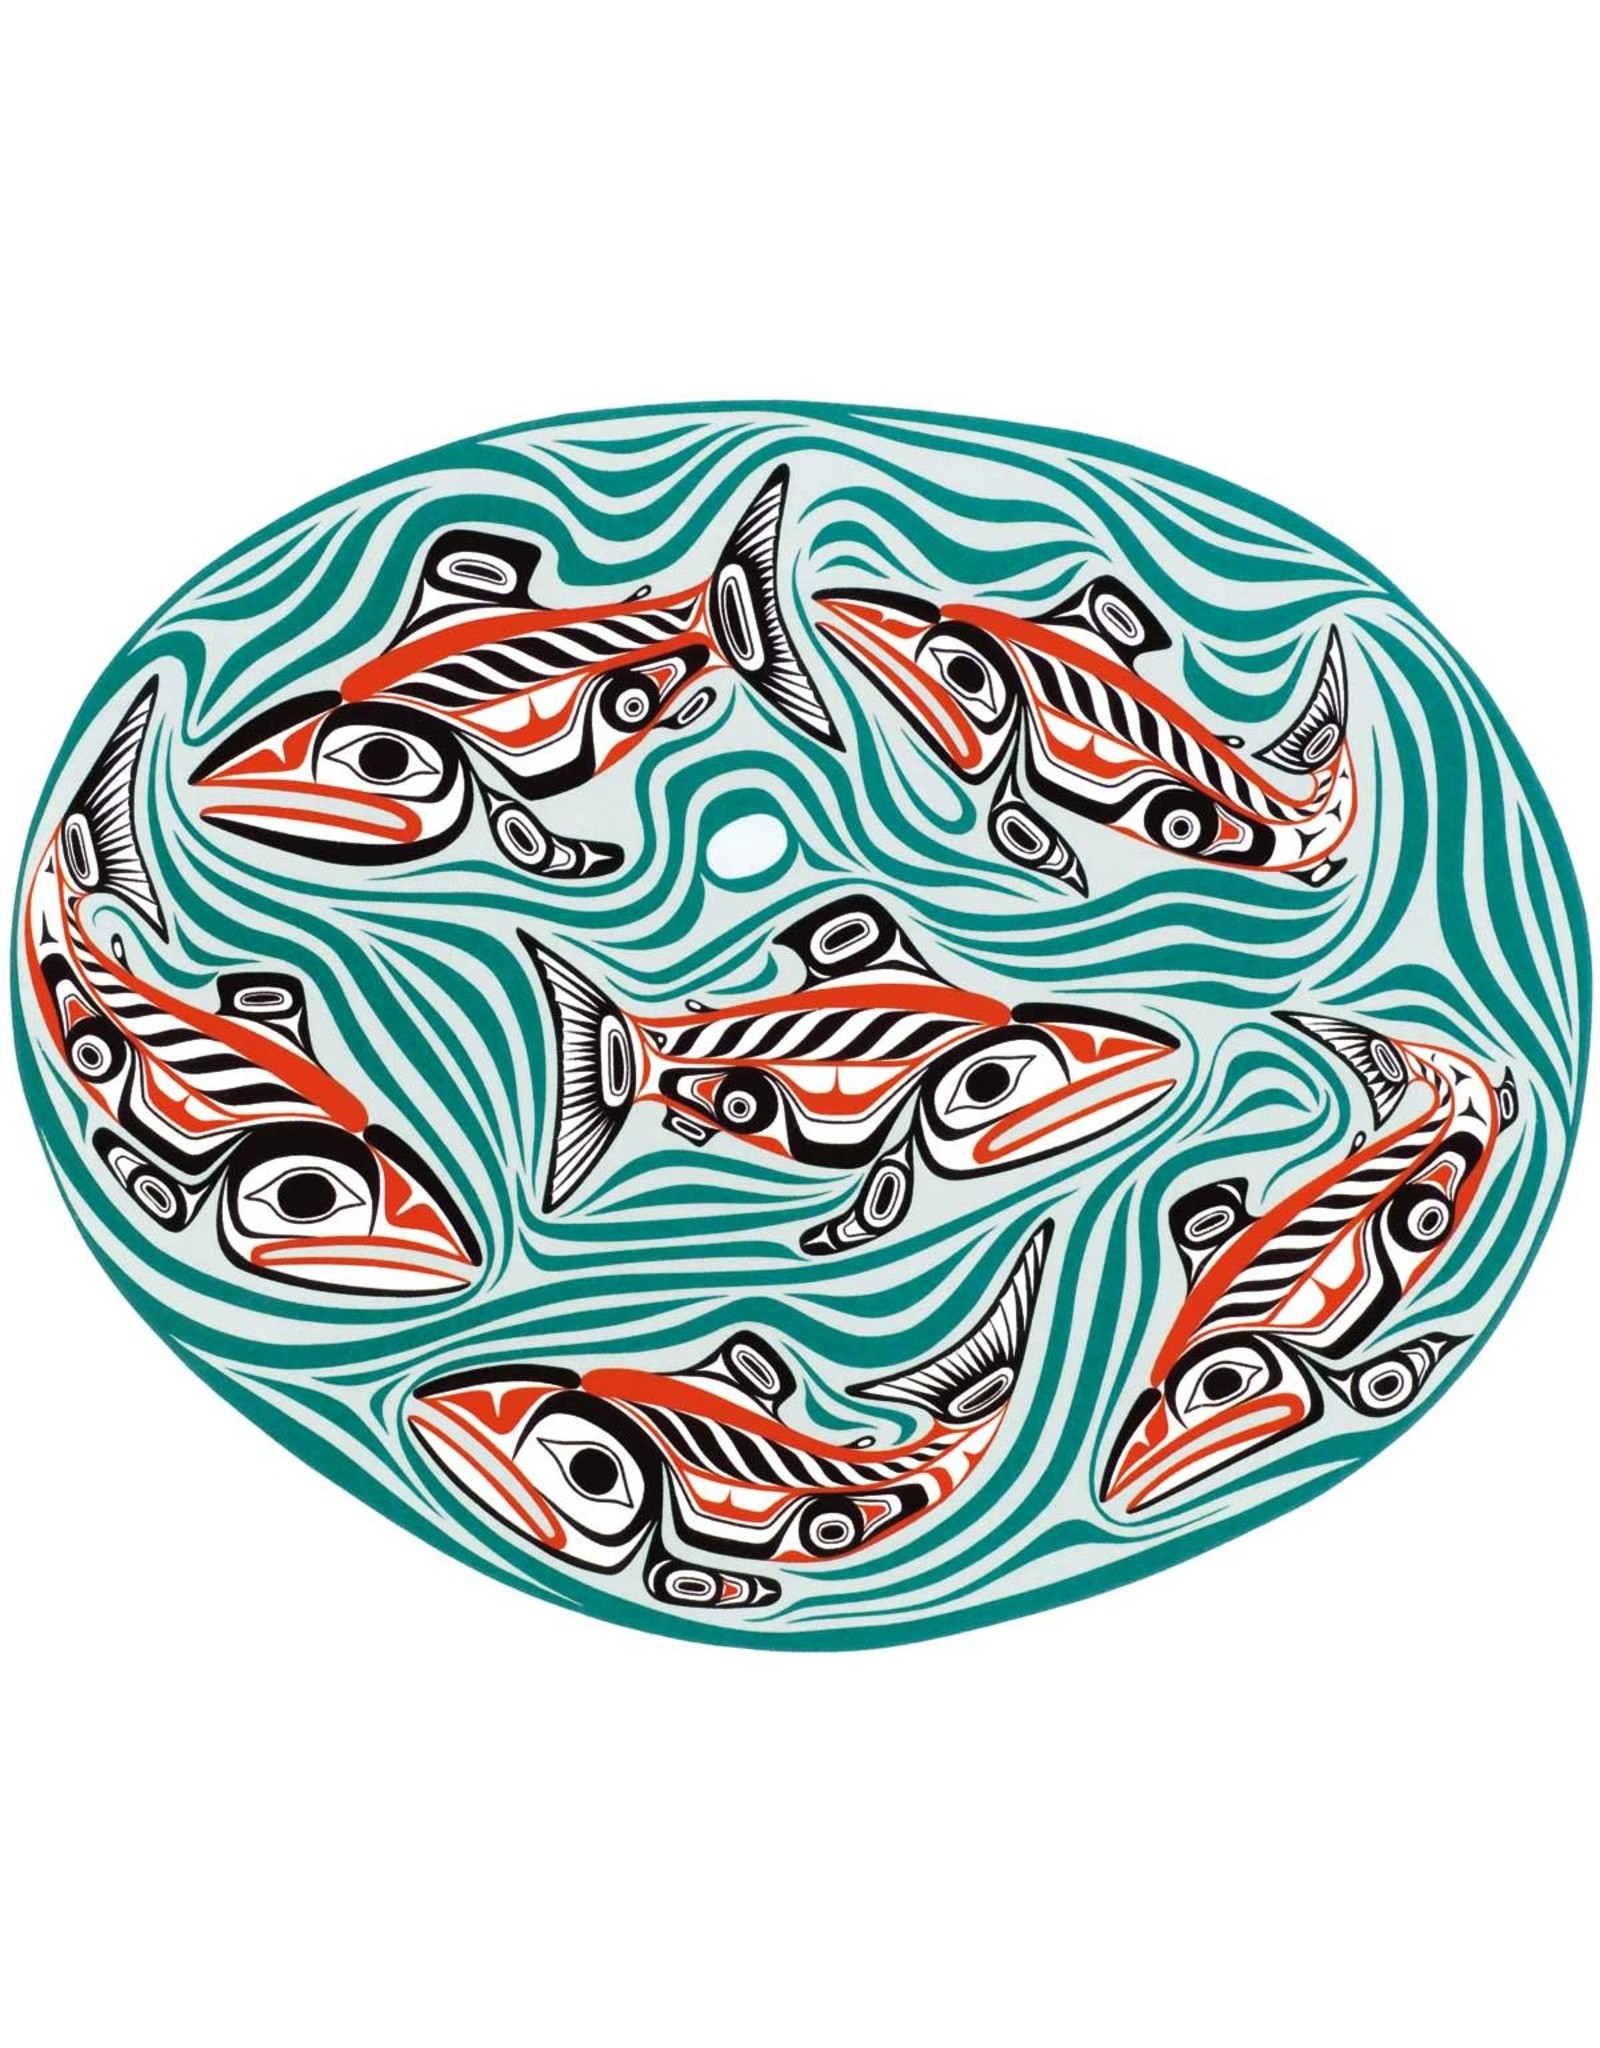 Swg'ag'aann-Sockeye Salmon Pool by Bill Reid Framed